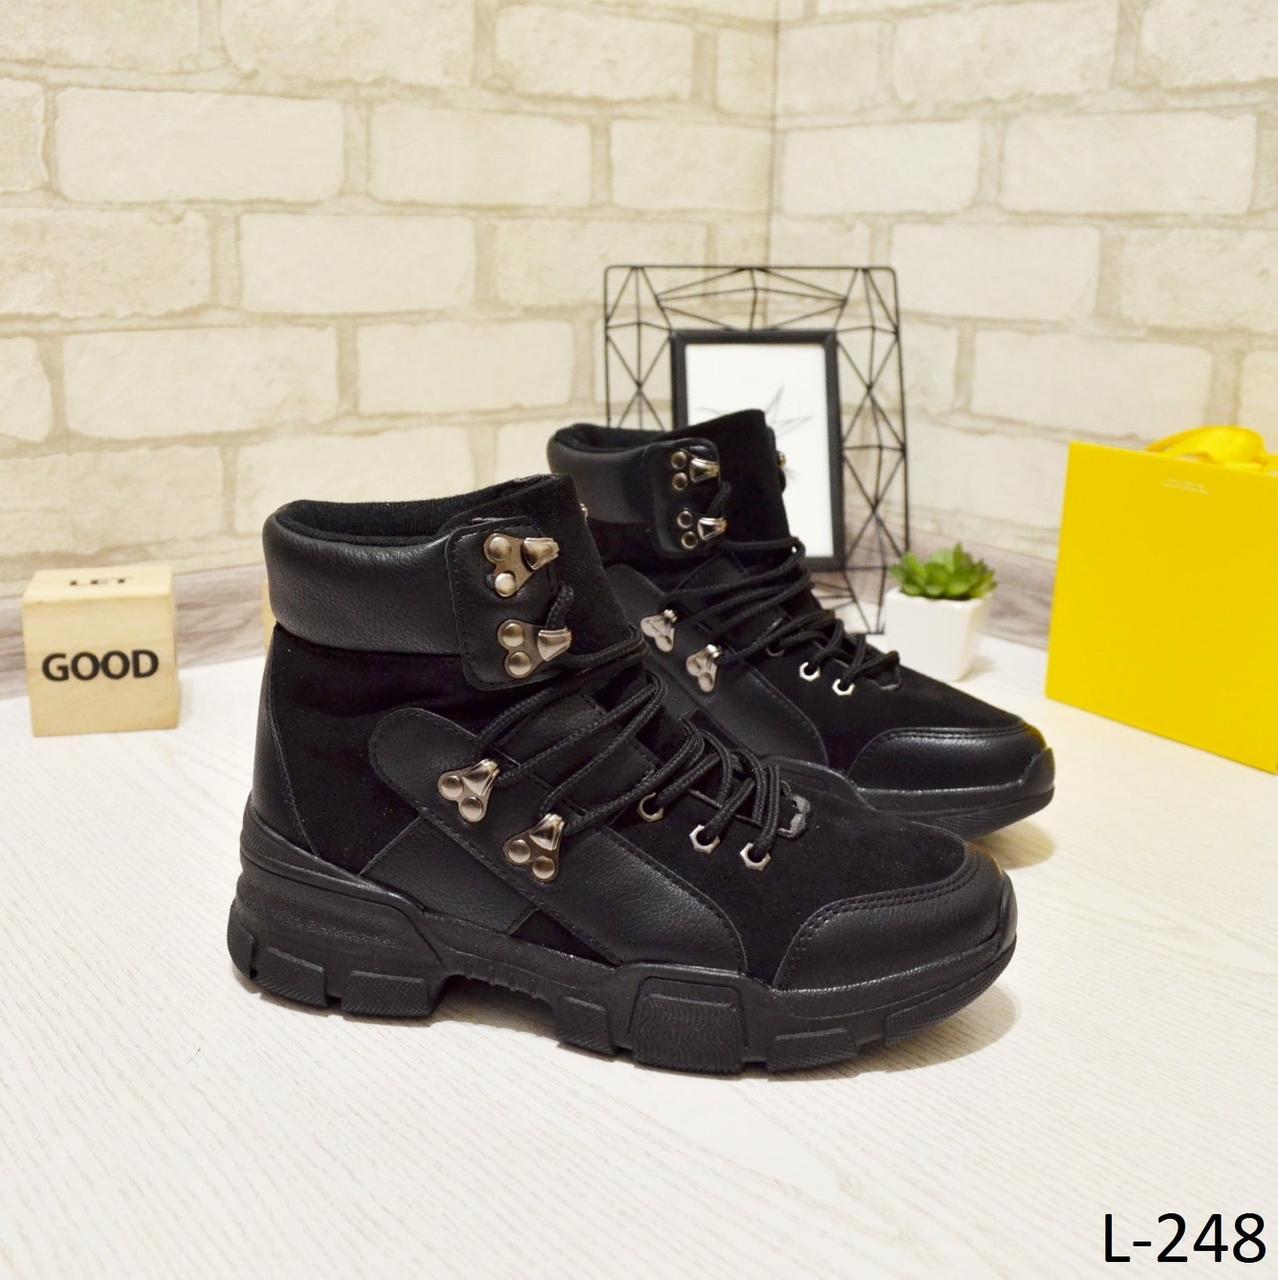 24 см Ботинки женские деми черные на низком ходу низкий ход демисезонные из искусственной кожи кожа кожаные